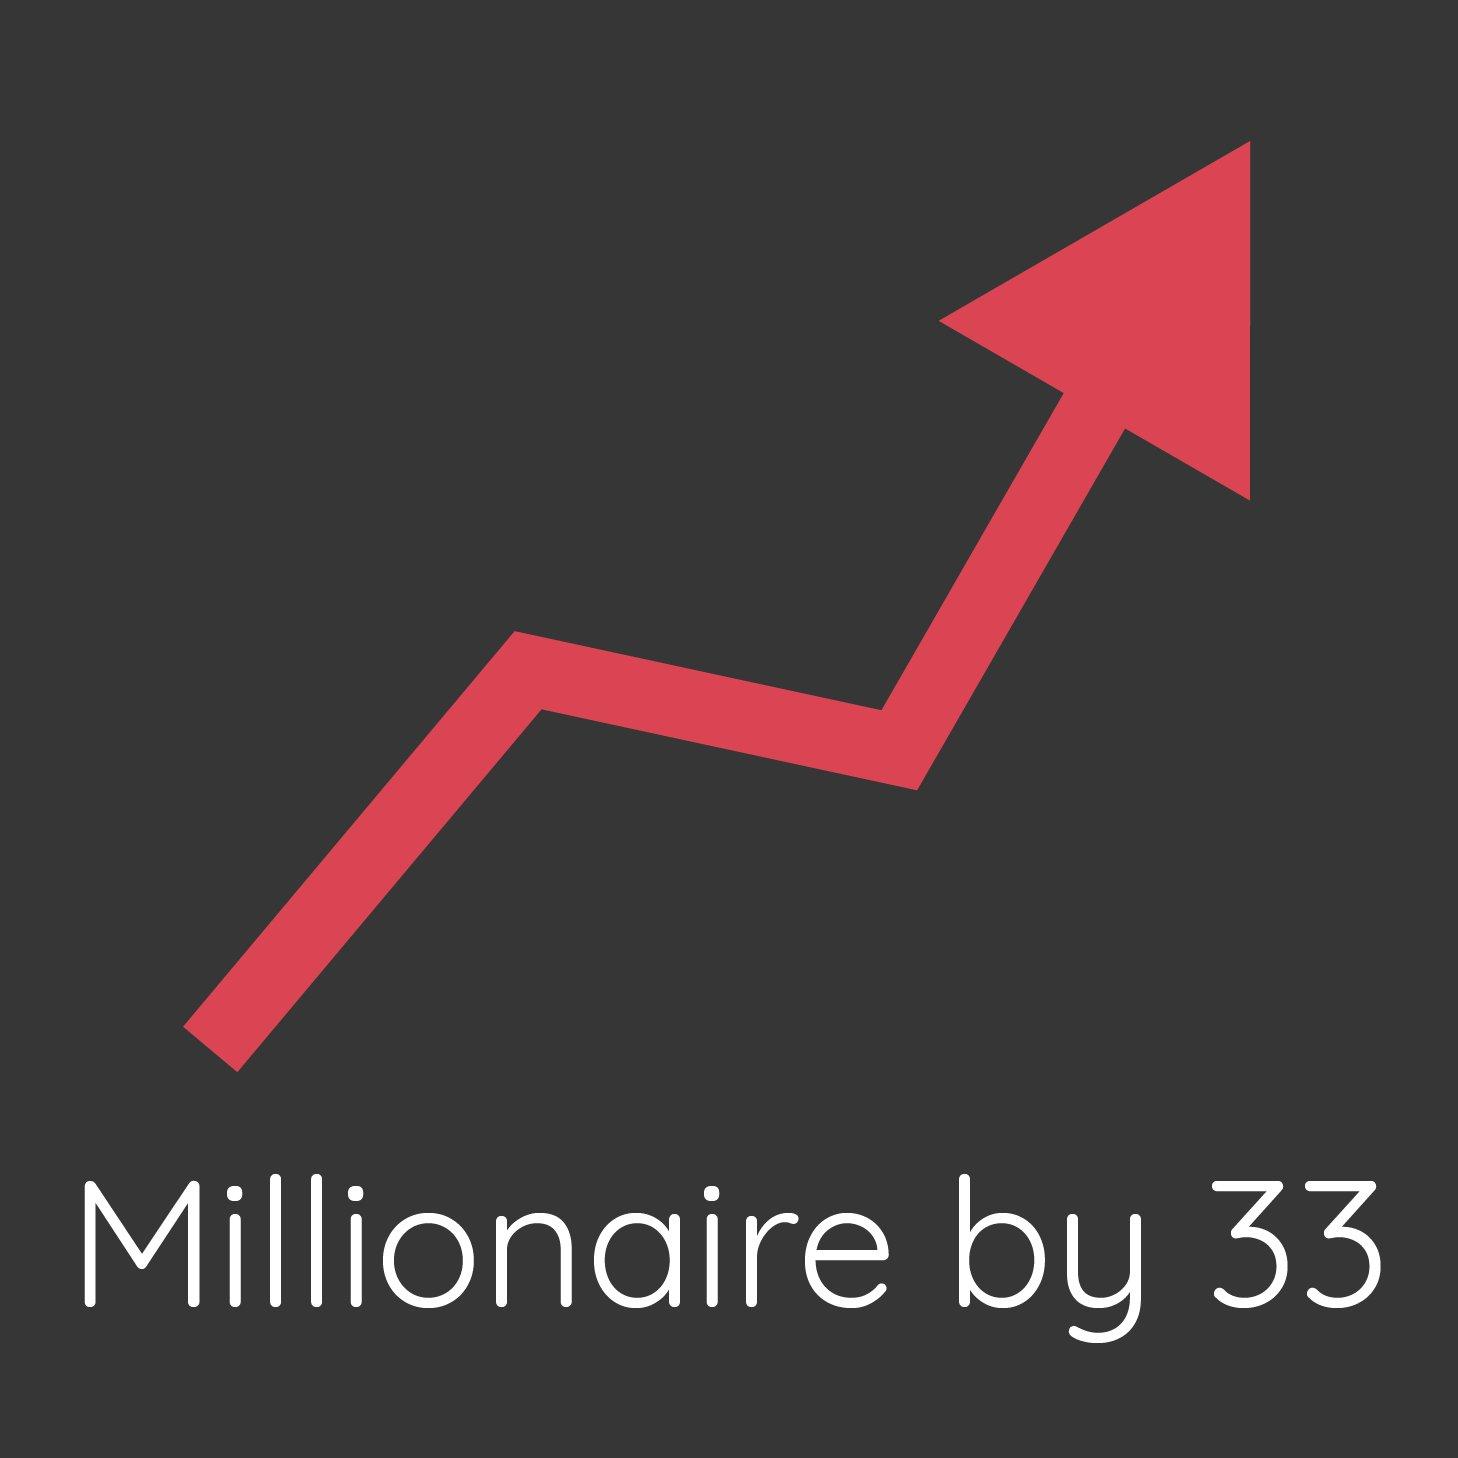 The Millionaire of UZ